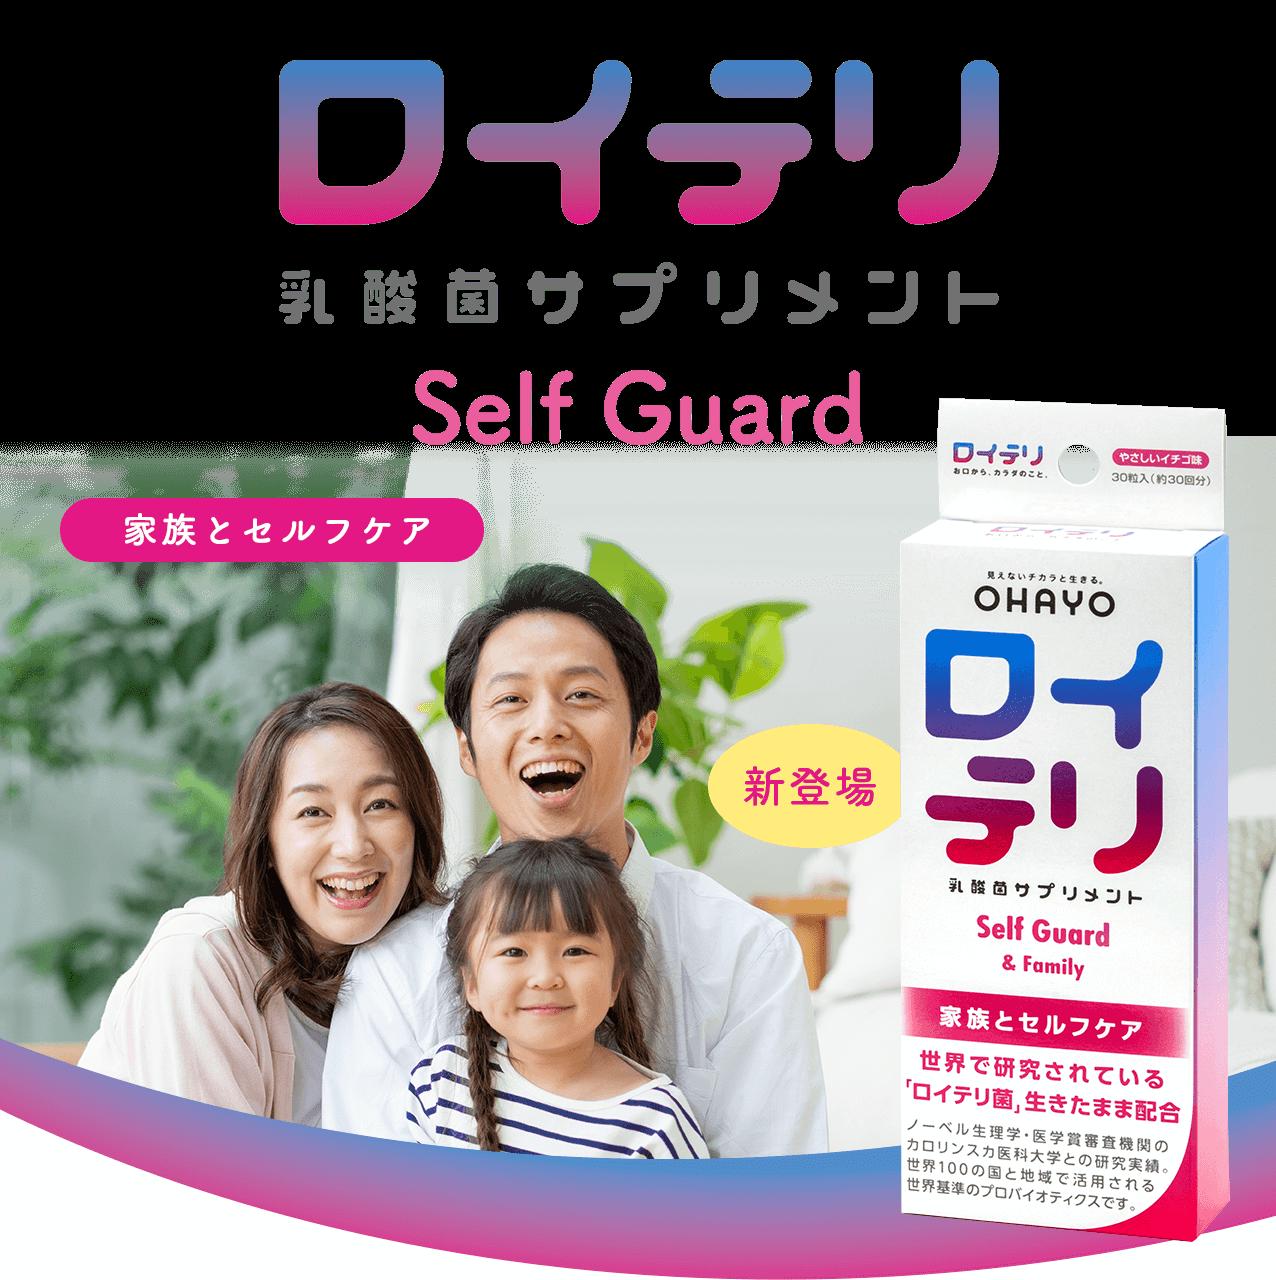 ロイテリ 乳酸菌サプリメント Self Guard